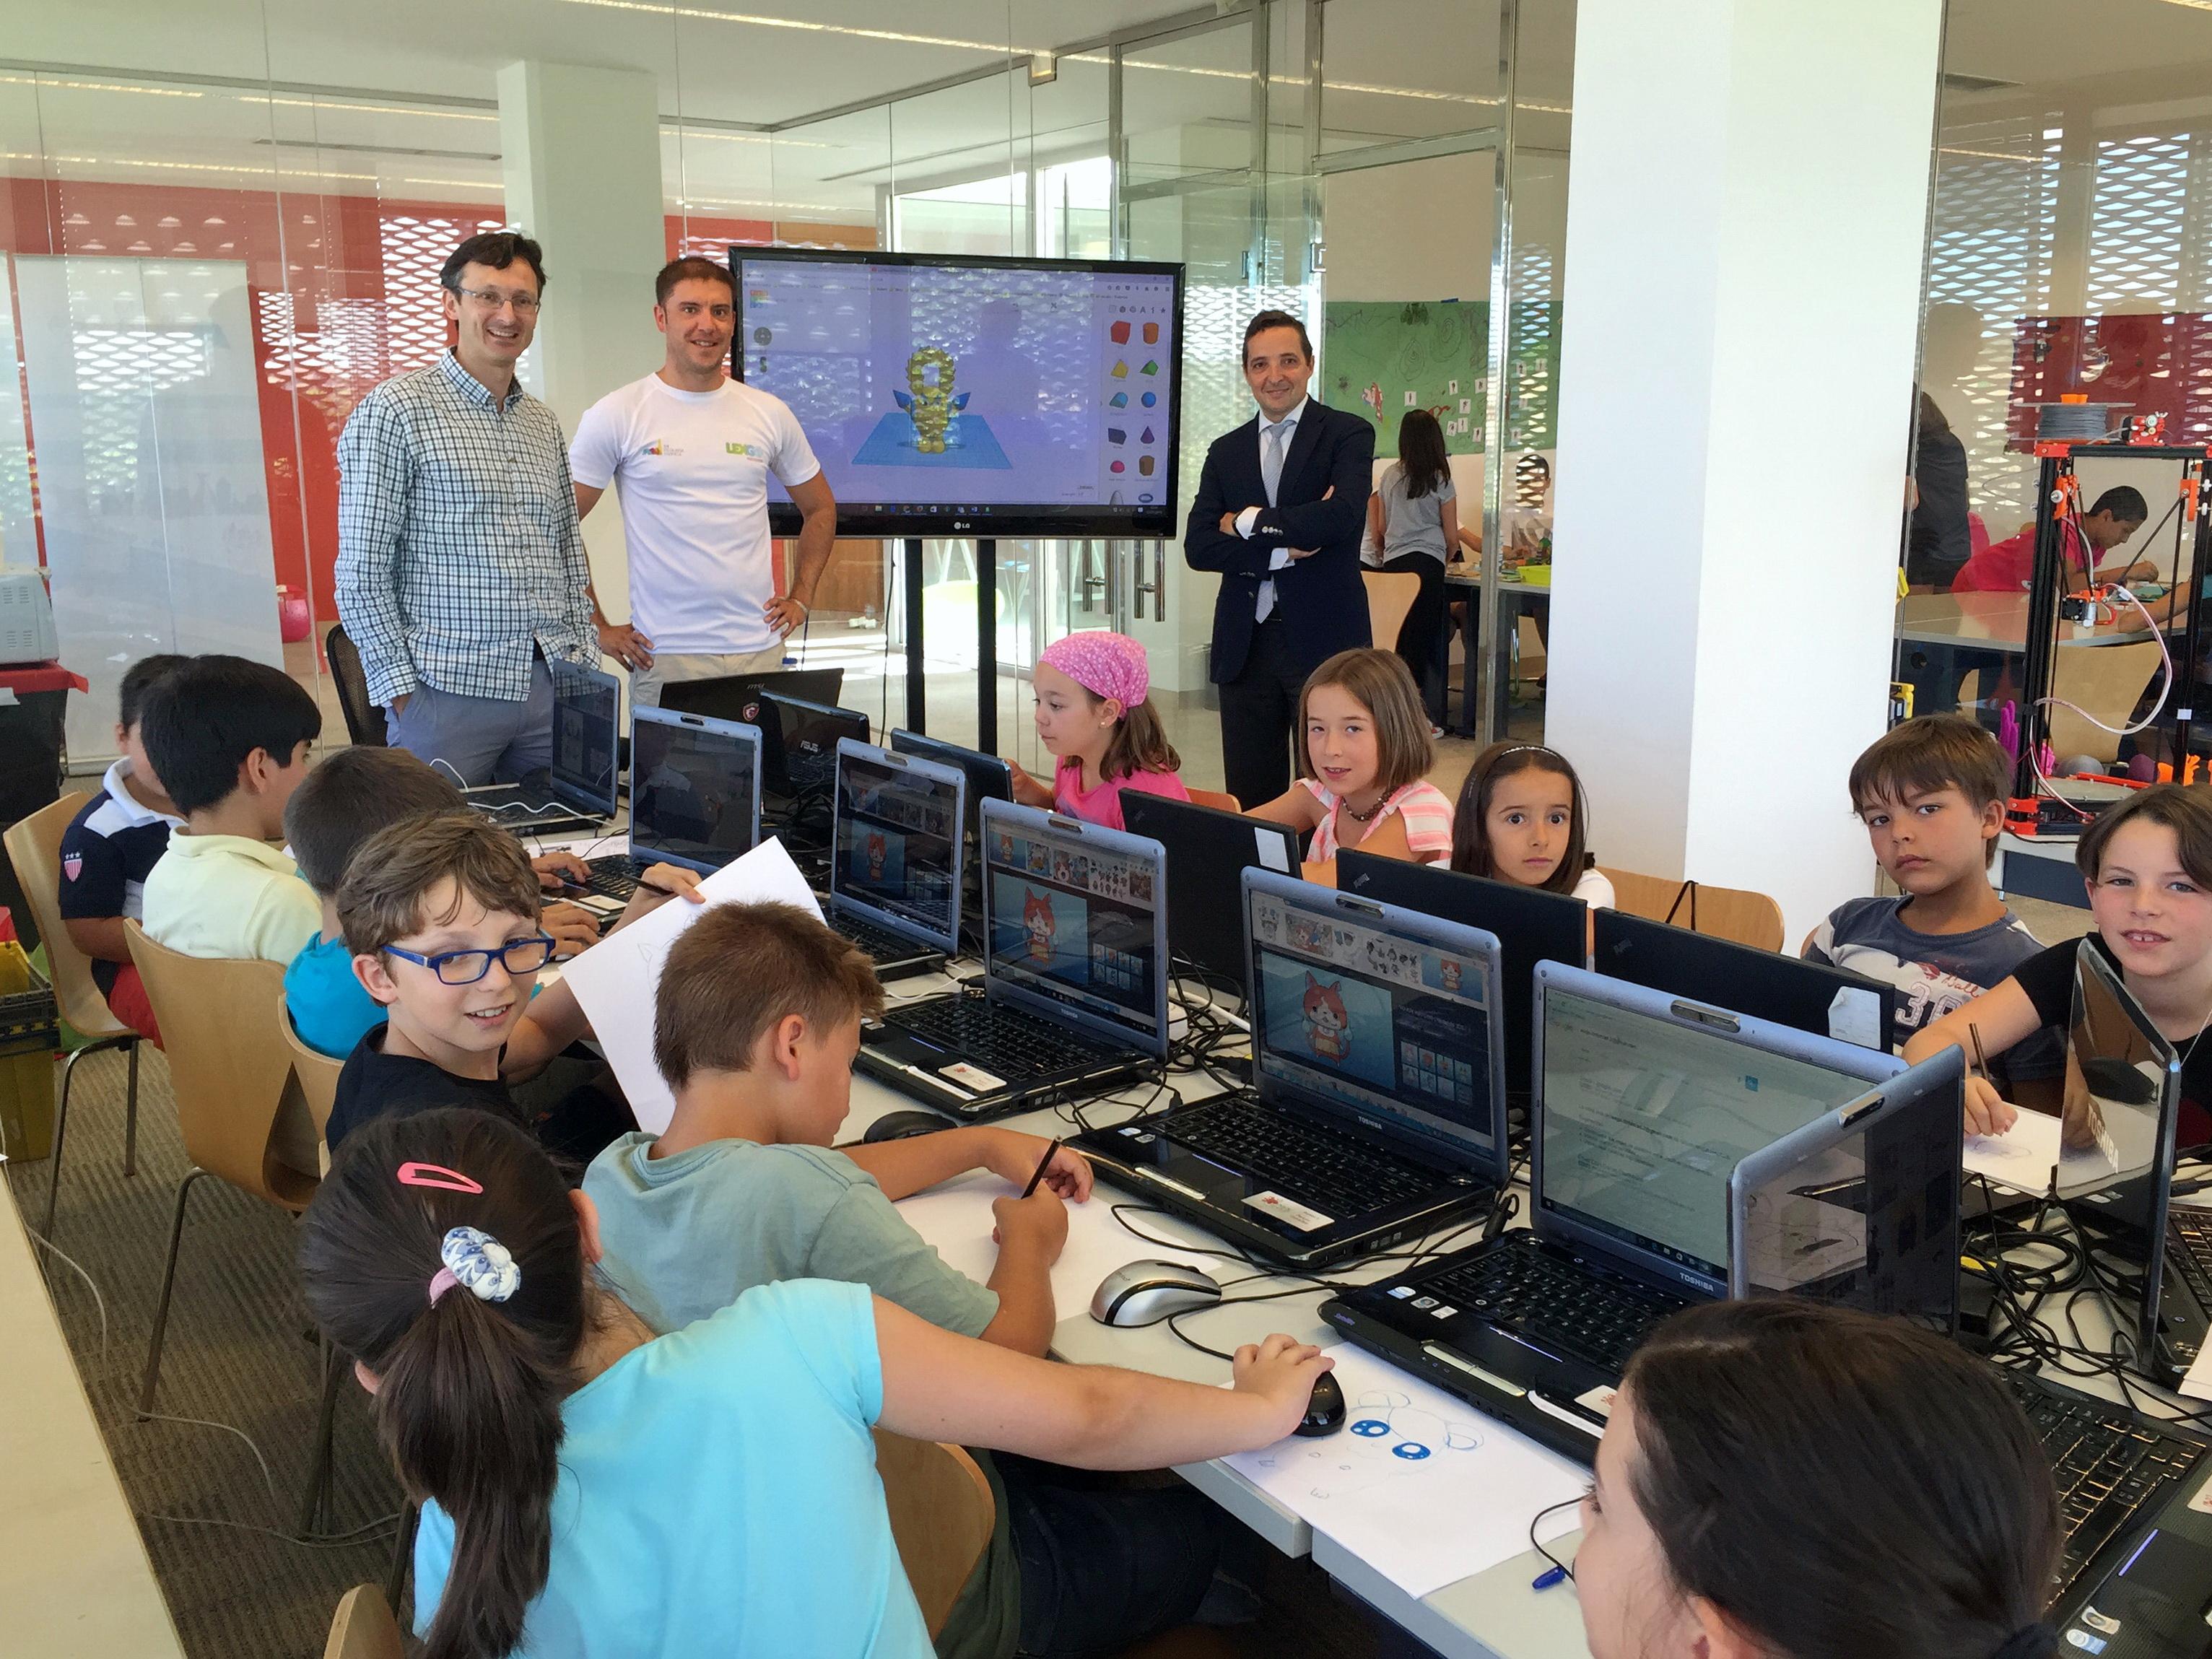 El Parque Científico de la Universidad de Salamanca organiza un campamento tecnológico de verano